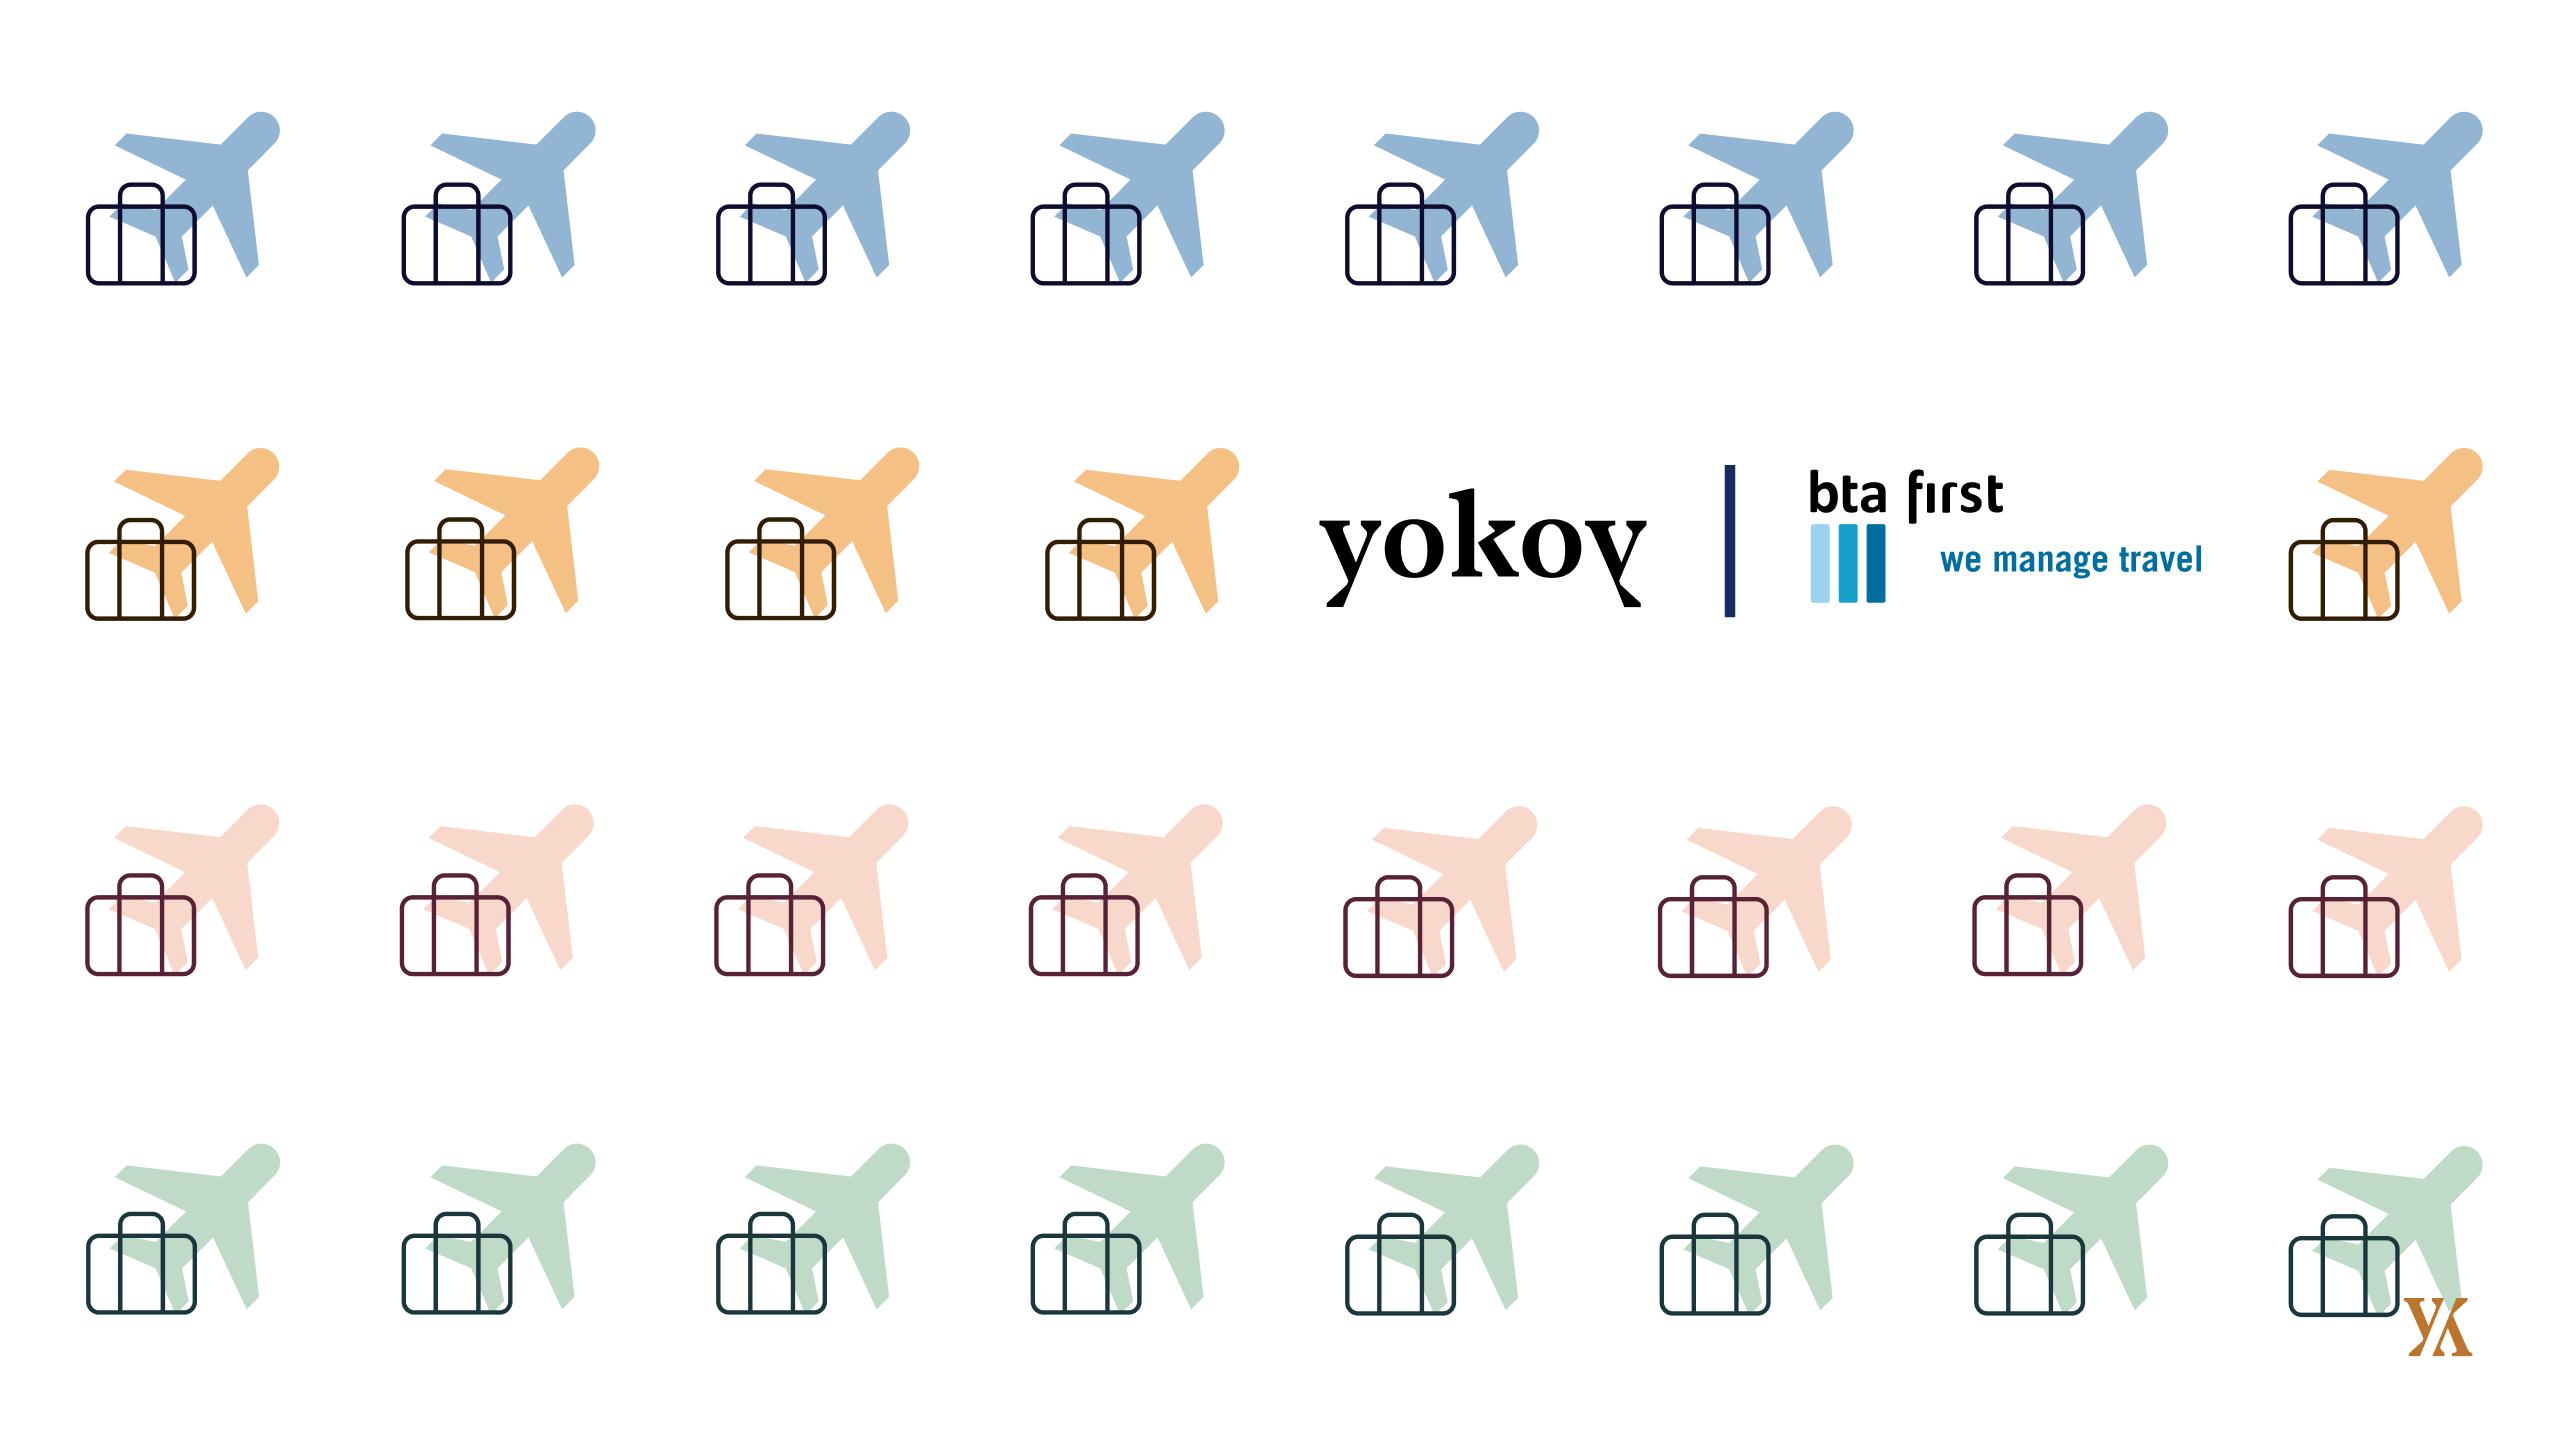 Banner der Partnerschaft zwischen Yokoy und bta first travel